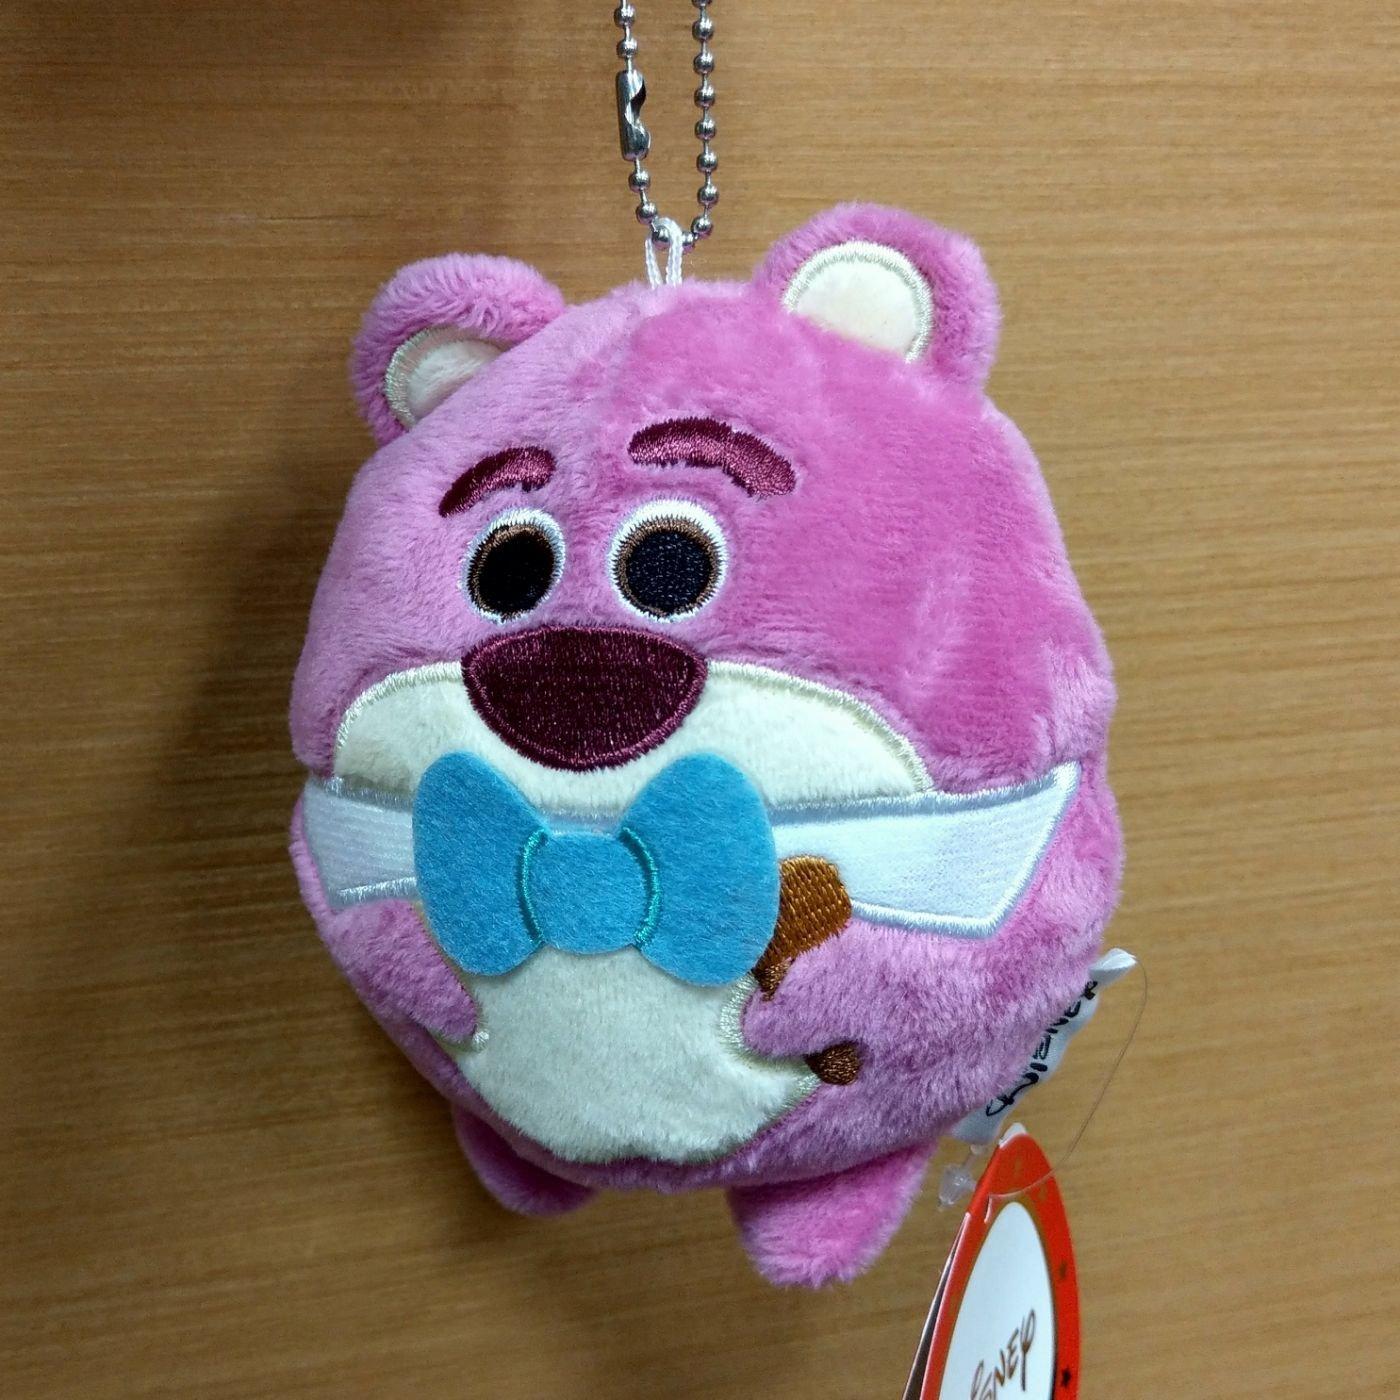 11公分 圓滾滾 玩具總動員 熊抱哥 珠鍊吊飾 絨毛玩偶 迪士尼  天天好心情